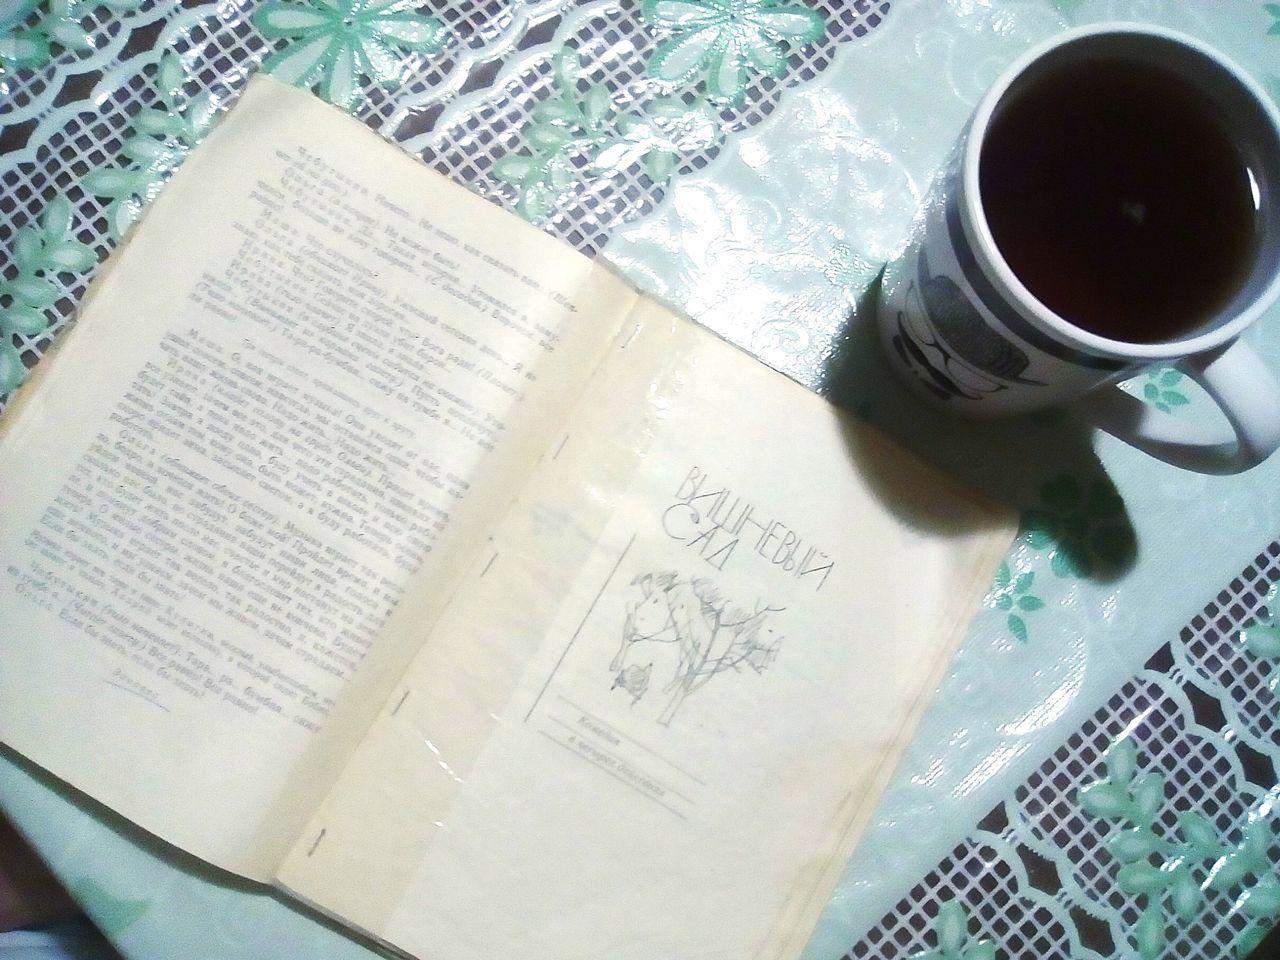 вечер за книгой русская литература вишневый сад чаек классика Buch Love